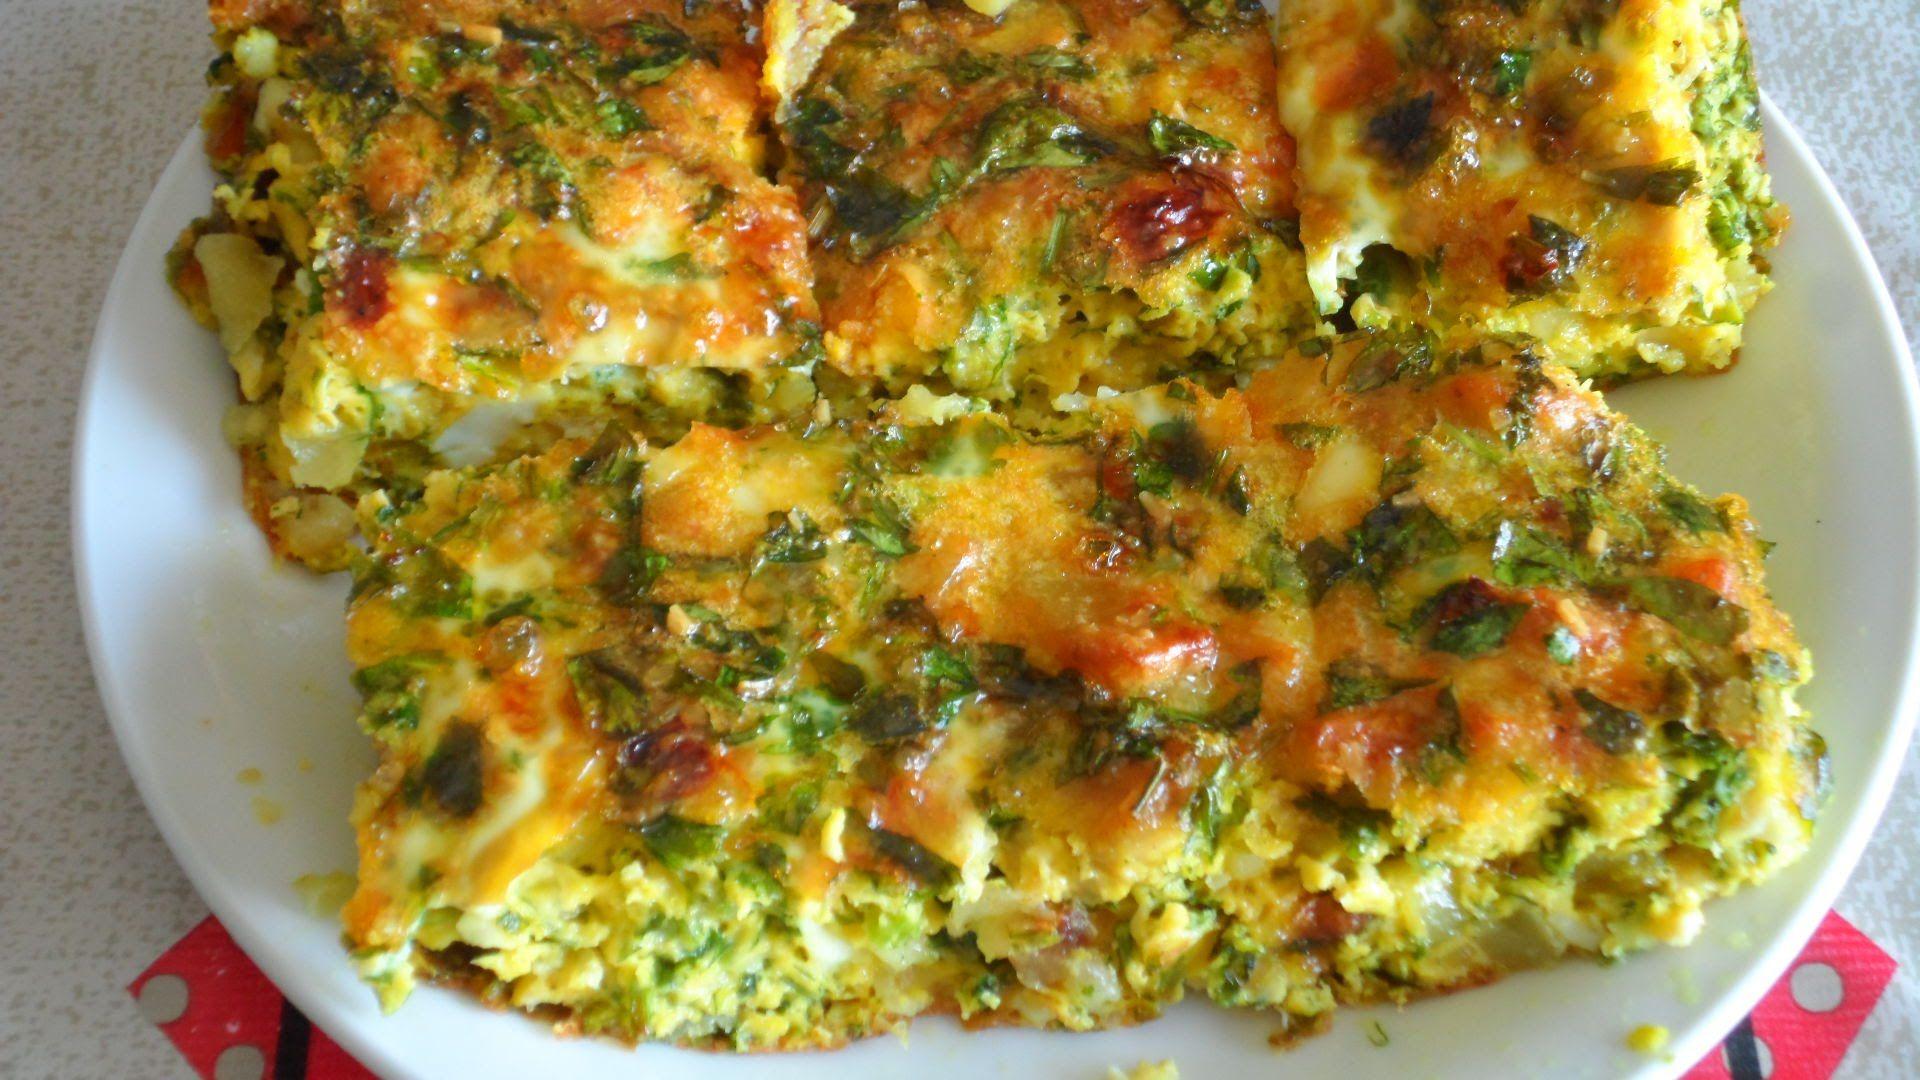 طريقة تحضير طاجين في الفرن بطريقة سهلة وصحية المطبخ التونسي Tajine Tunisien Deilig Mat